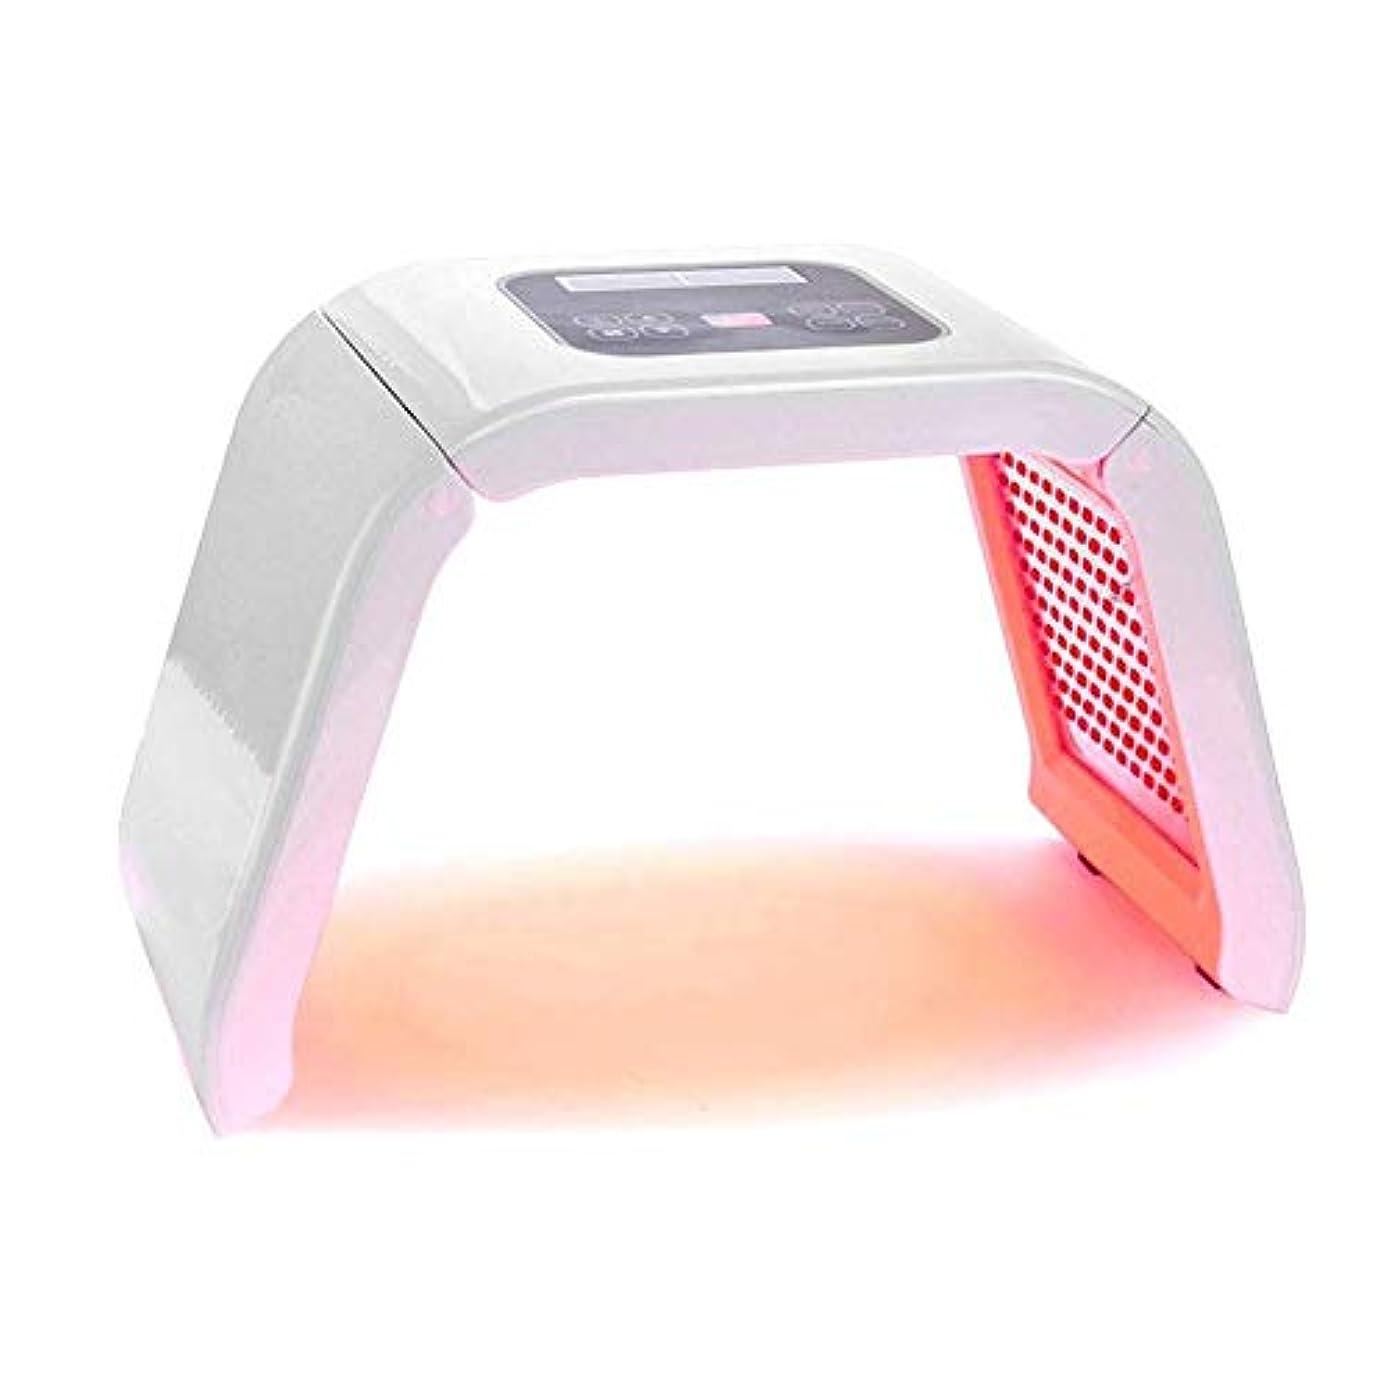 ジョージスティーブンソン運命水素美容機器は、7色はライト肌の若返り機器、マスクリムーバーアンチリンクルアンチエイジングを締めフェイスネックボディ-SalonスパマシンのスキンアンチエイジングスキンケアツールをLED